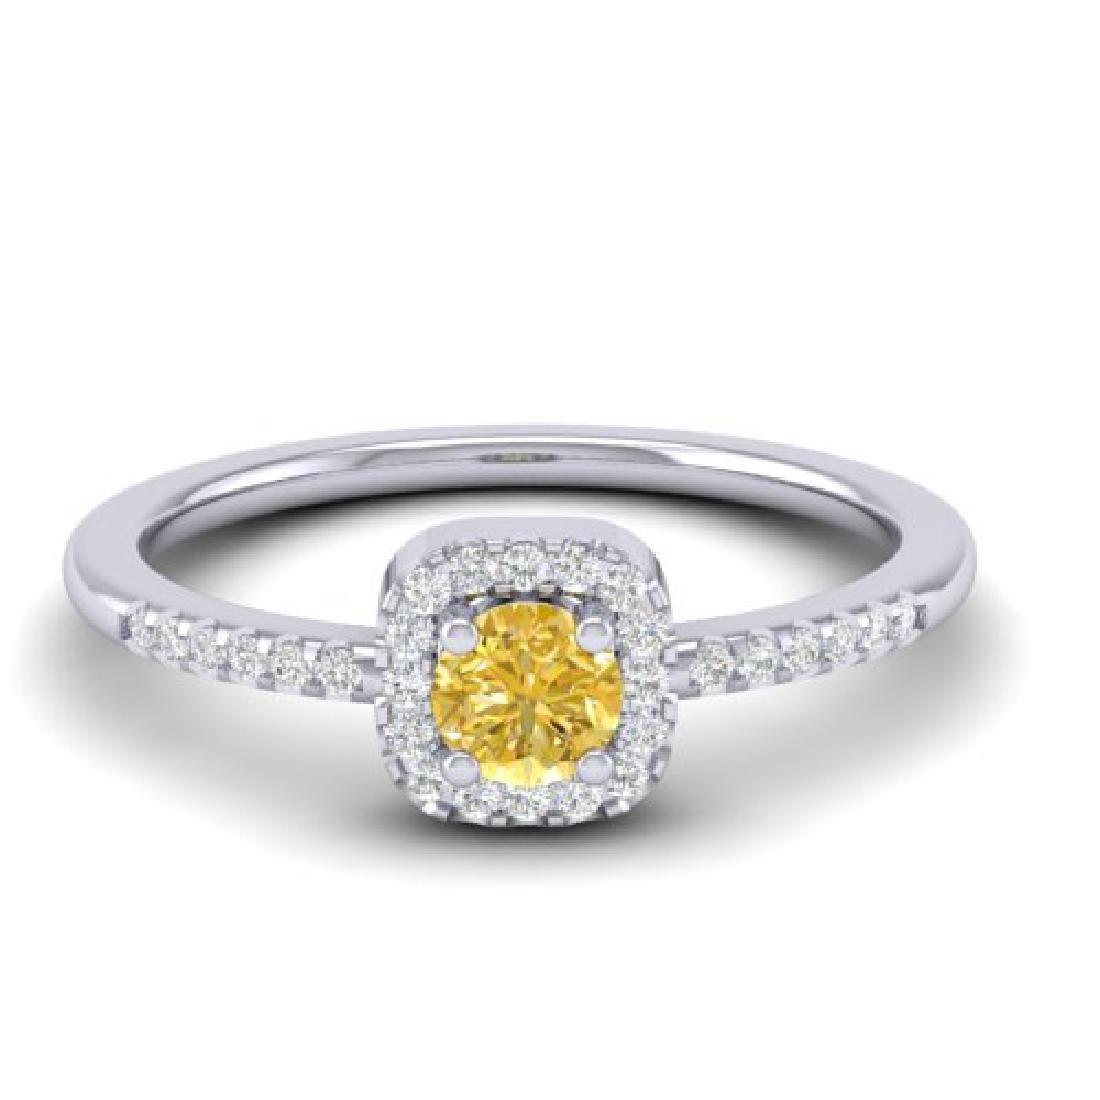 0.45 CTW Citrine & Micro Pave VS/SI Diamond Ring